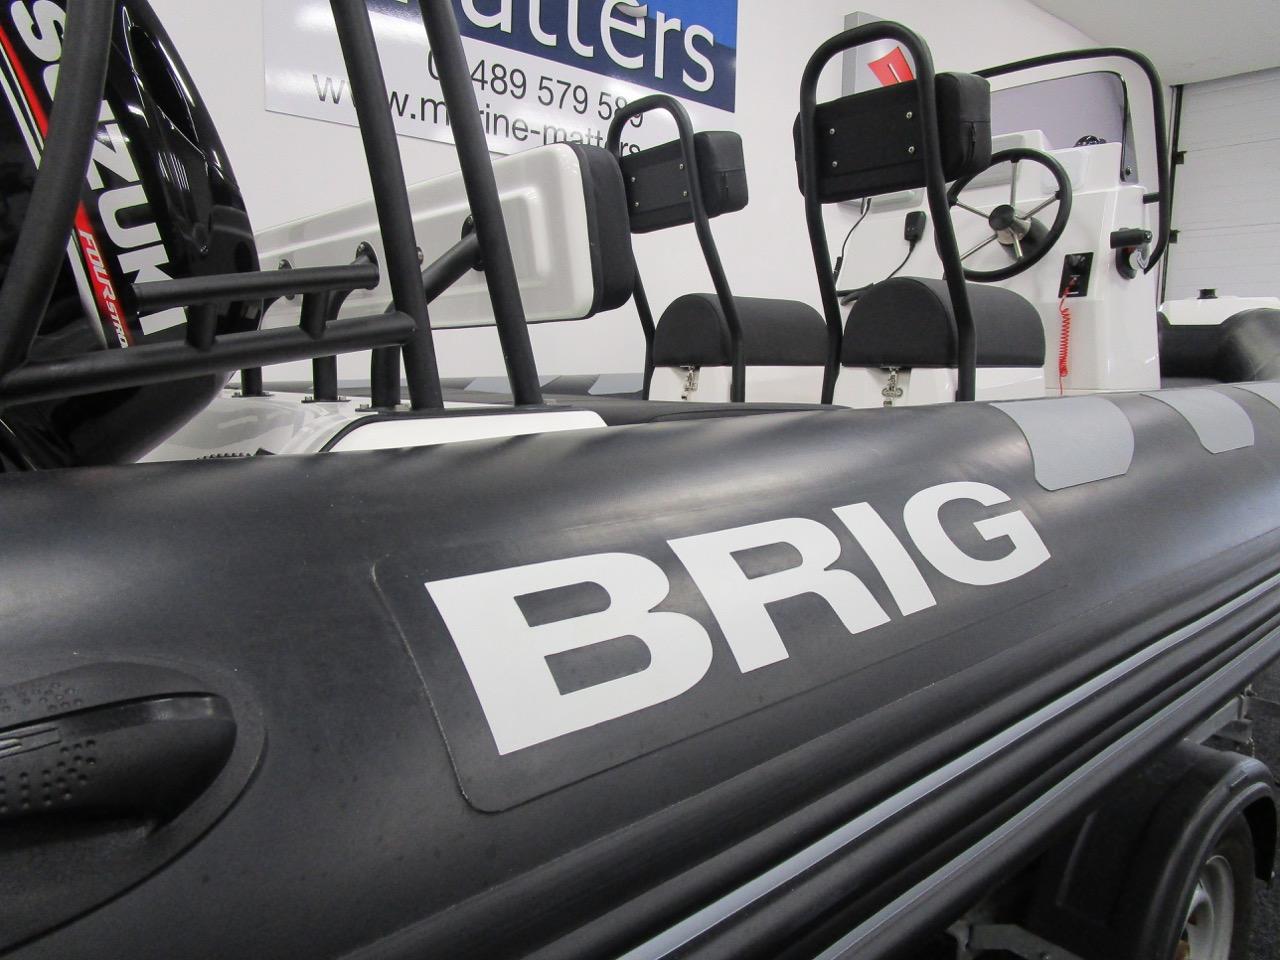 BRIG N570 hypalon tube